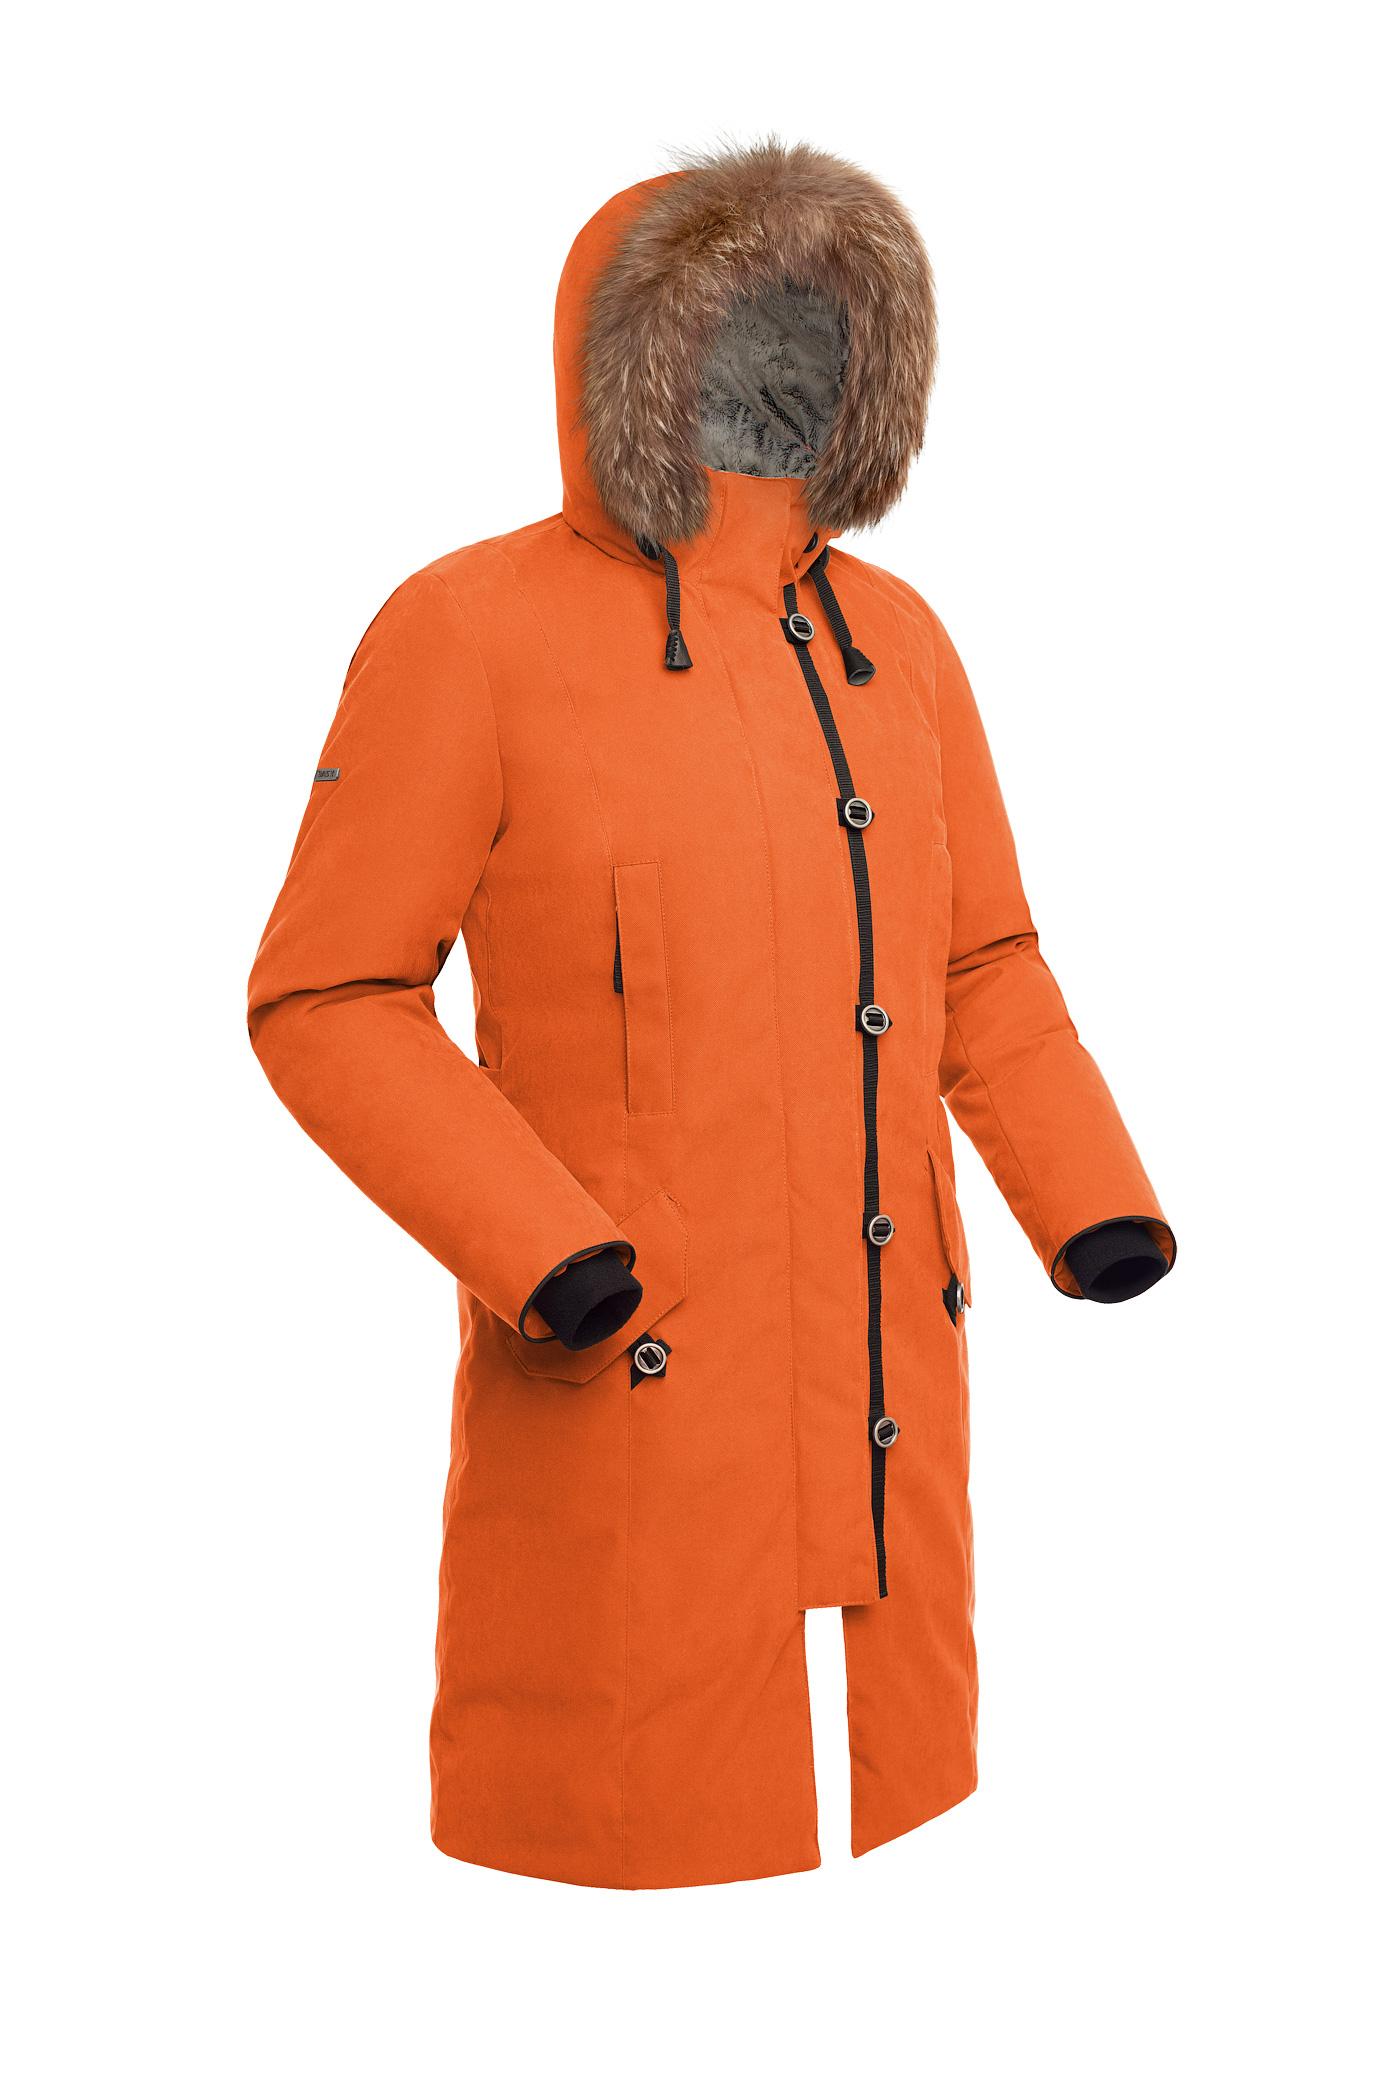 Пальто пуховое женское BASK HATANGA V2 оранжевое, Пальто - арт. 999830409